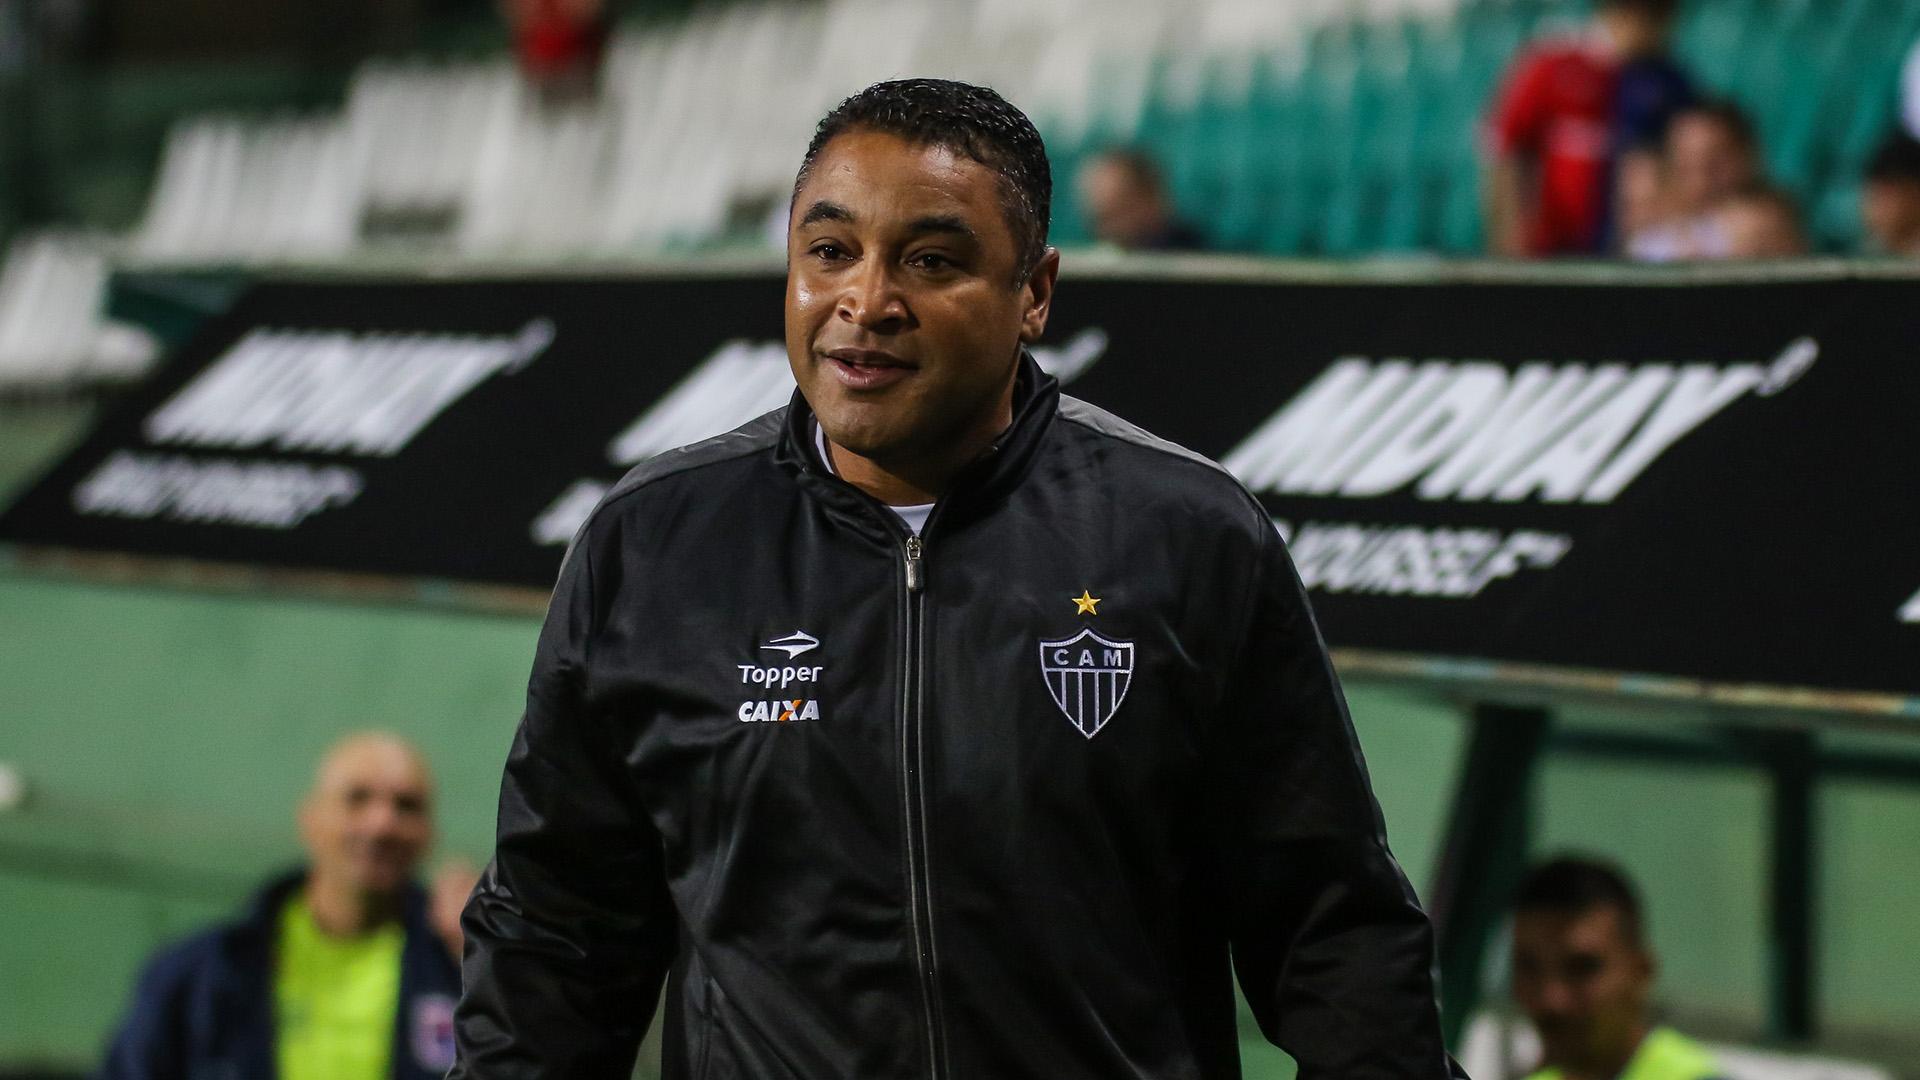 Roger Machado revela admiração por Valdívia, novo reforço do Atlético-MG